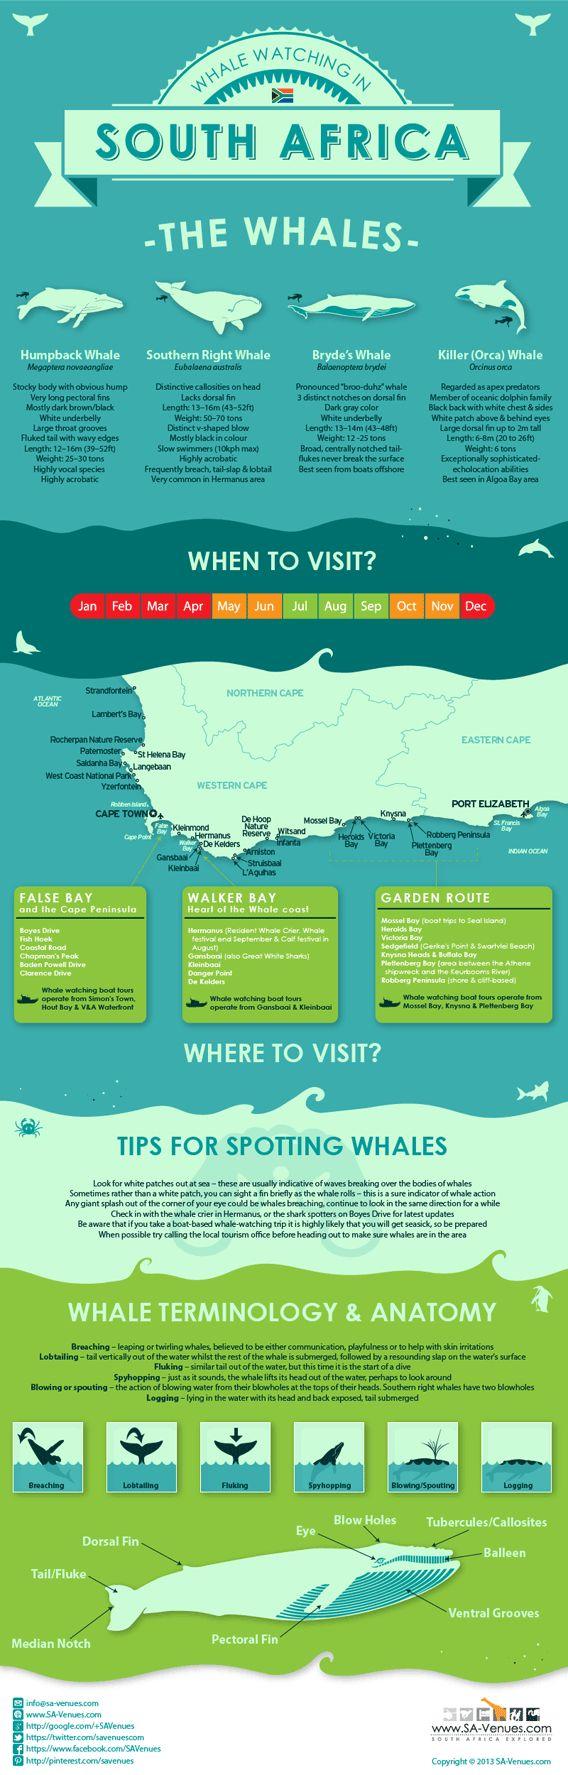 Als je in de zomervakantie naar Zuid-Afrika reist, heb je de meeste kans om walvissen te kunnen zien. South Africa Whale Watching Infographic